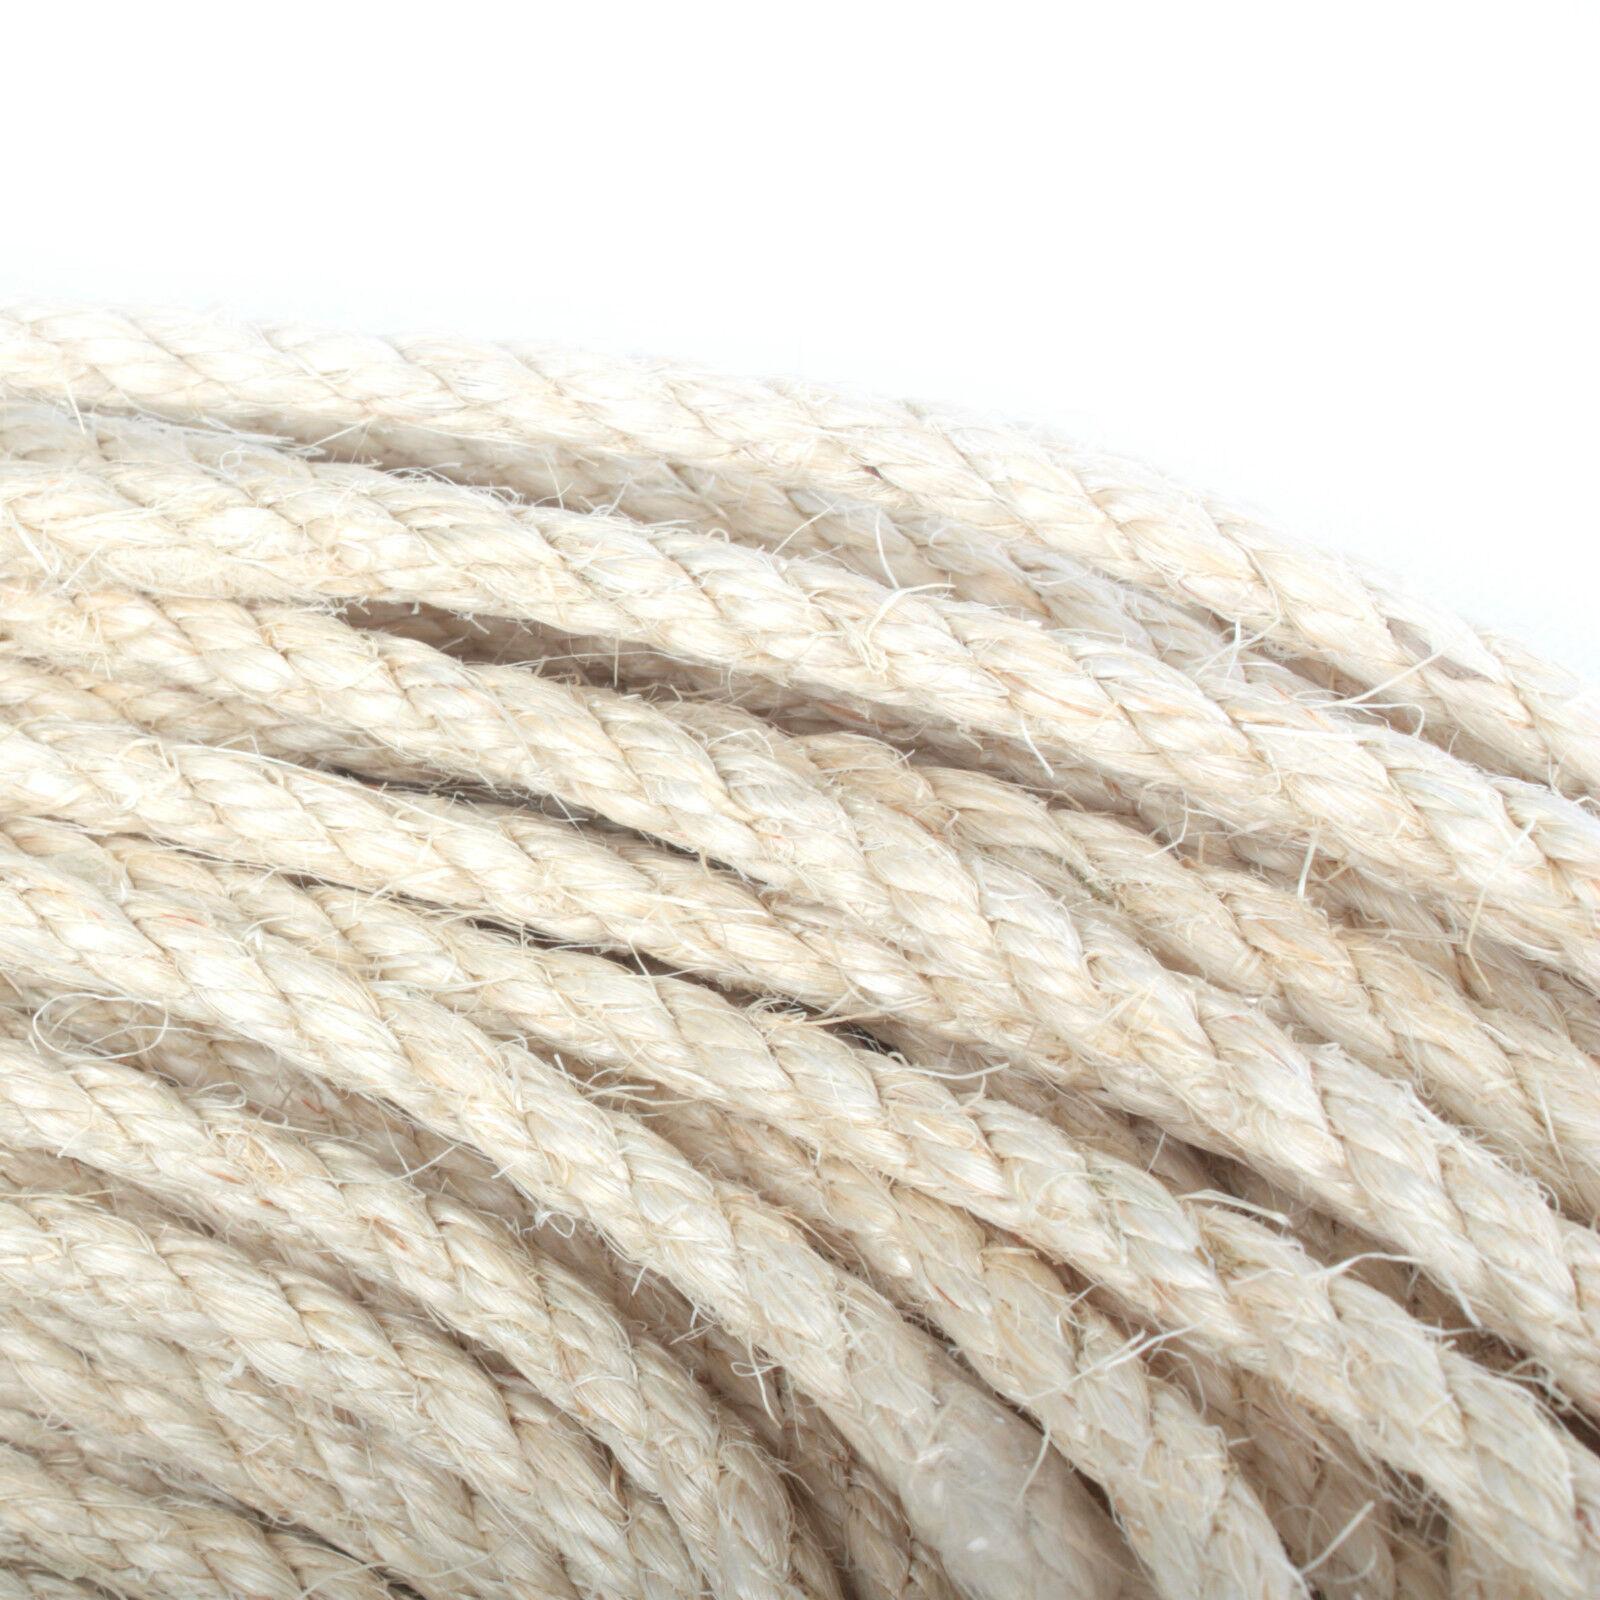 SISALSEIL Sisal Seil Seil Seil Naturseil Kratzbaum Sisalsäcke Leine Rope Ø 6 8 10 12mm 26b071